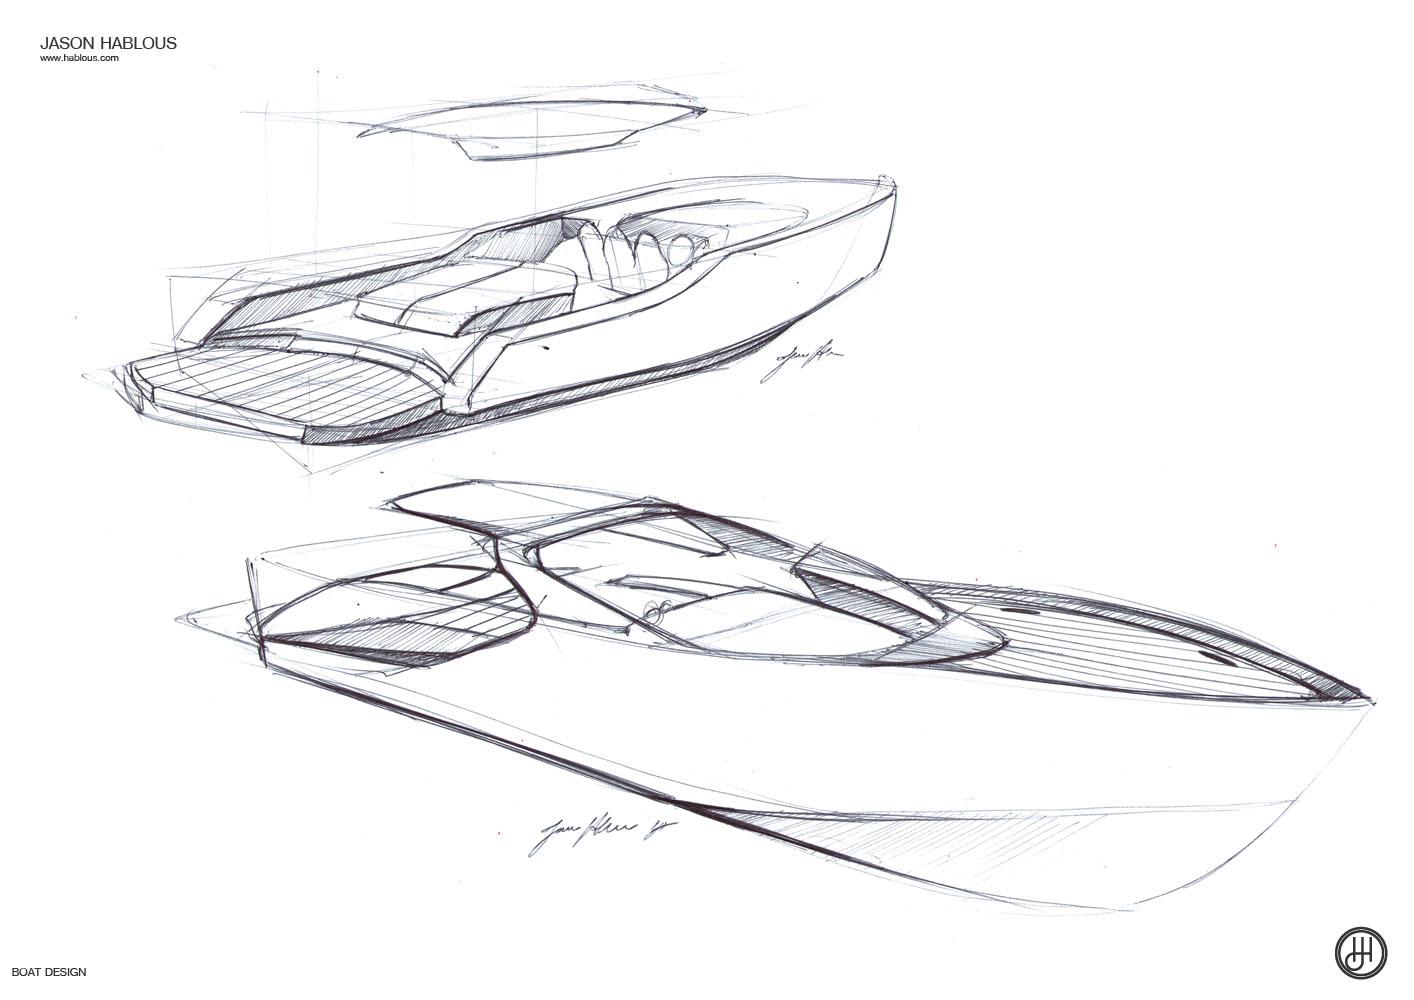 Jd Boat Design Sketches